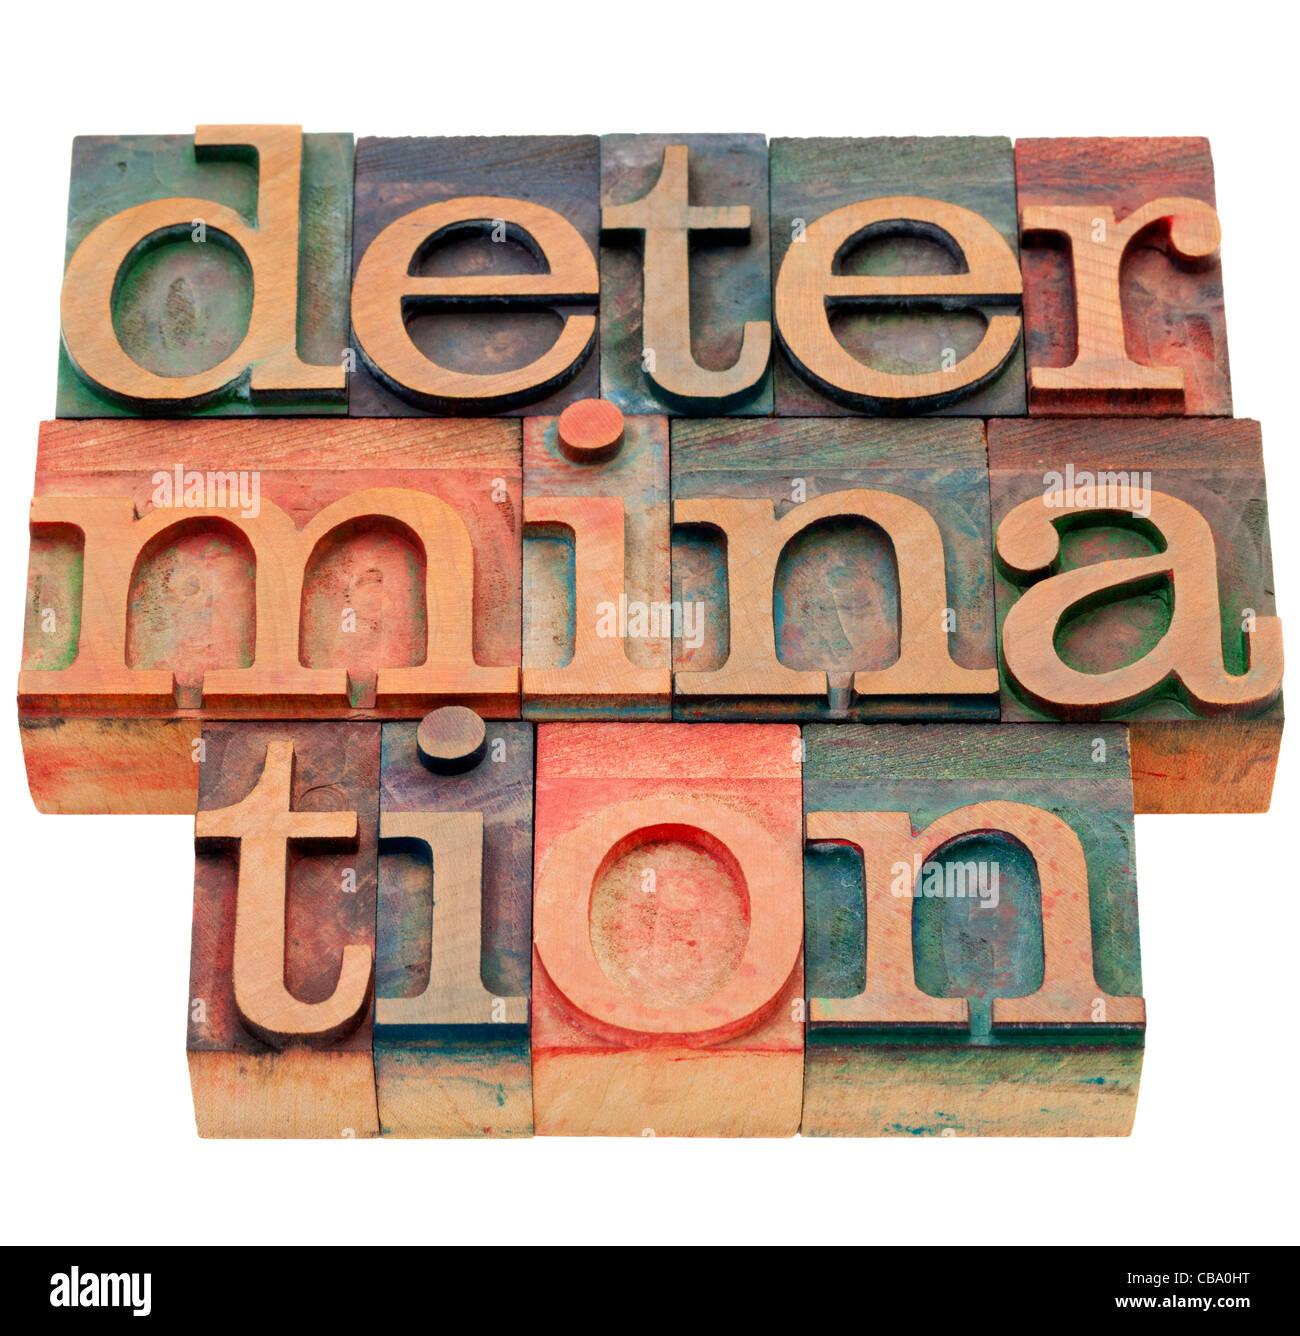 Bestimmung Wort - isolierte abstrakt in Vintage Holz Buchdruck Druckstöcke Stockbild